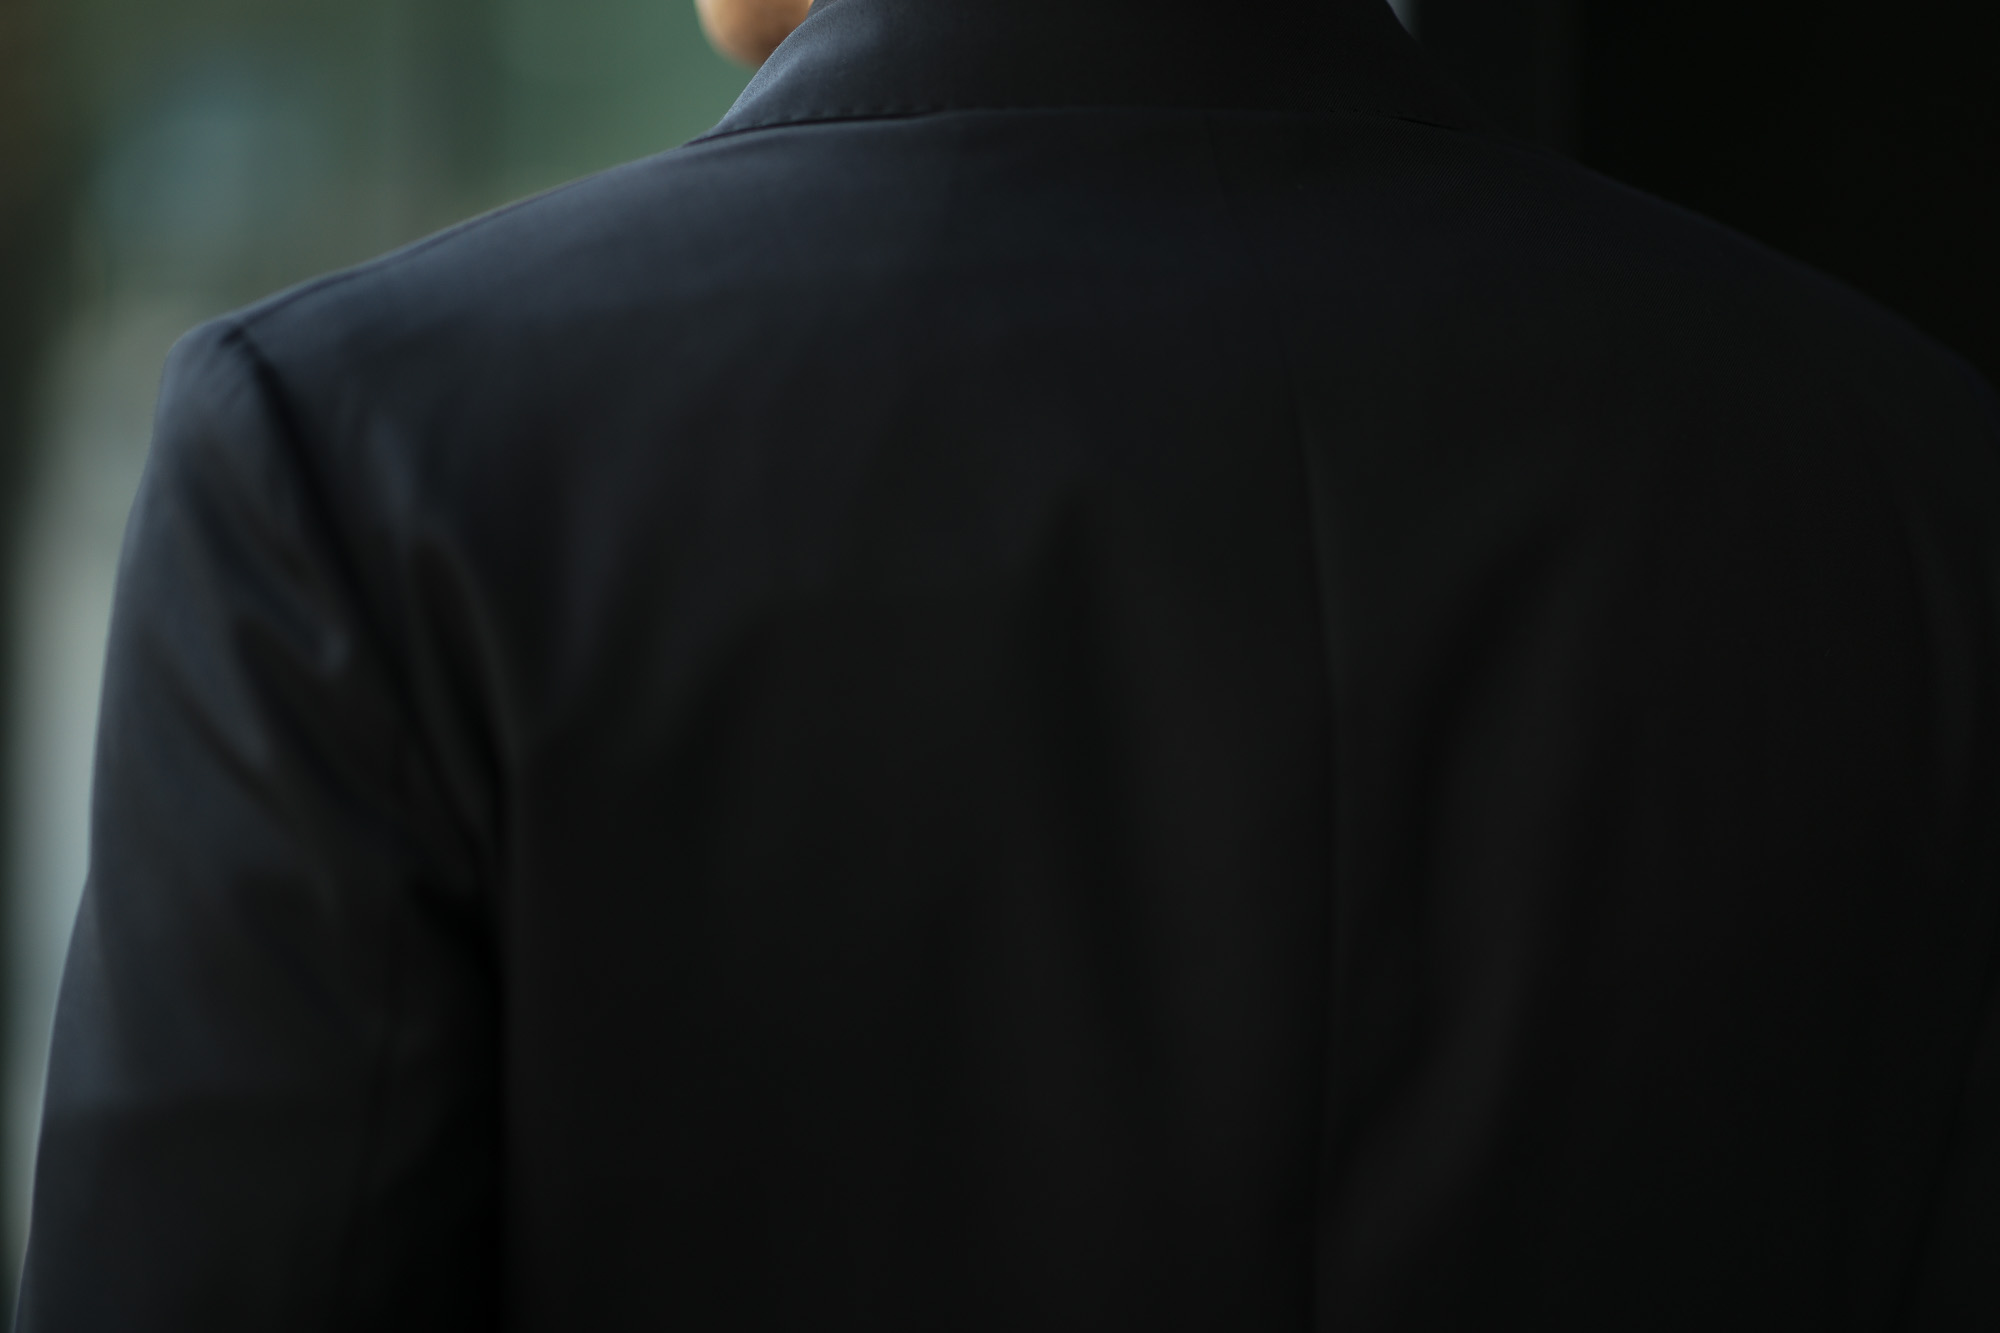 cuervo bopoha(クエルボ ヴァローナ) Sartoria Collection (サルトリア コレクション) Rooster (ルースター) Ermenegildo Zegna エルメネジルド・ゼニア 15 Milmil 15 15ミルミル15 スーツ BLACK (ブラック) MADE IN JAPAN (日本製) 2019.2020 【ご予約受付中】 愛知 名古屋 altoediritto アルトエデリット オーダースーツ ゼニアスーツ